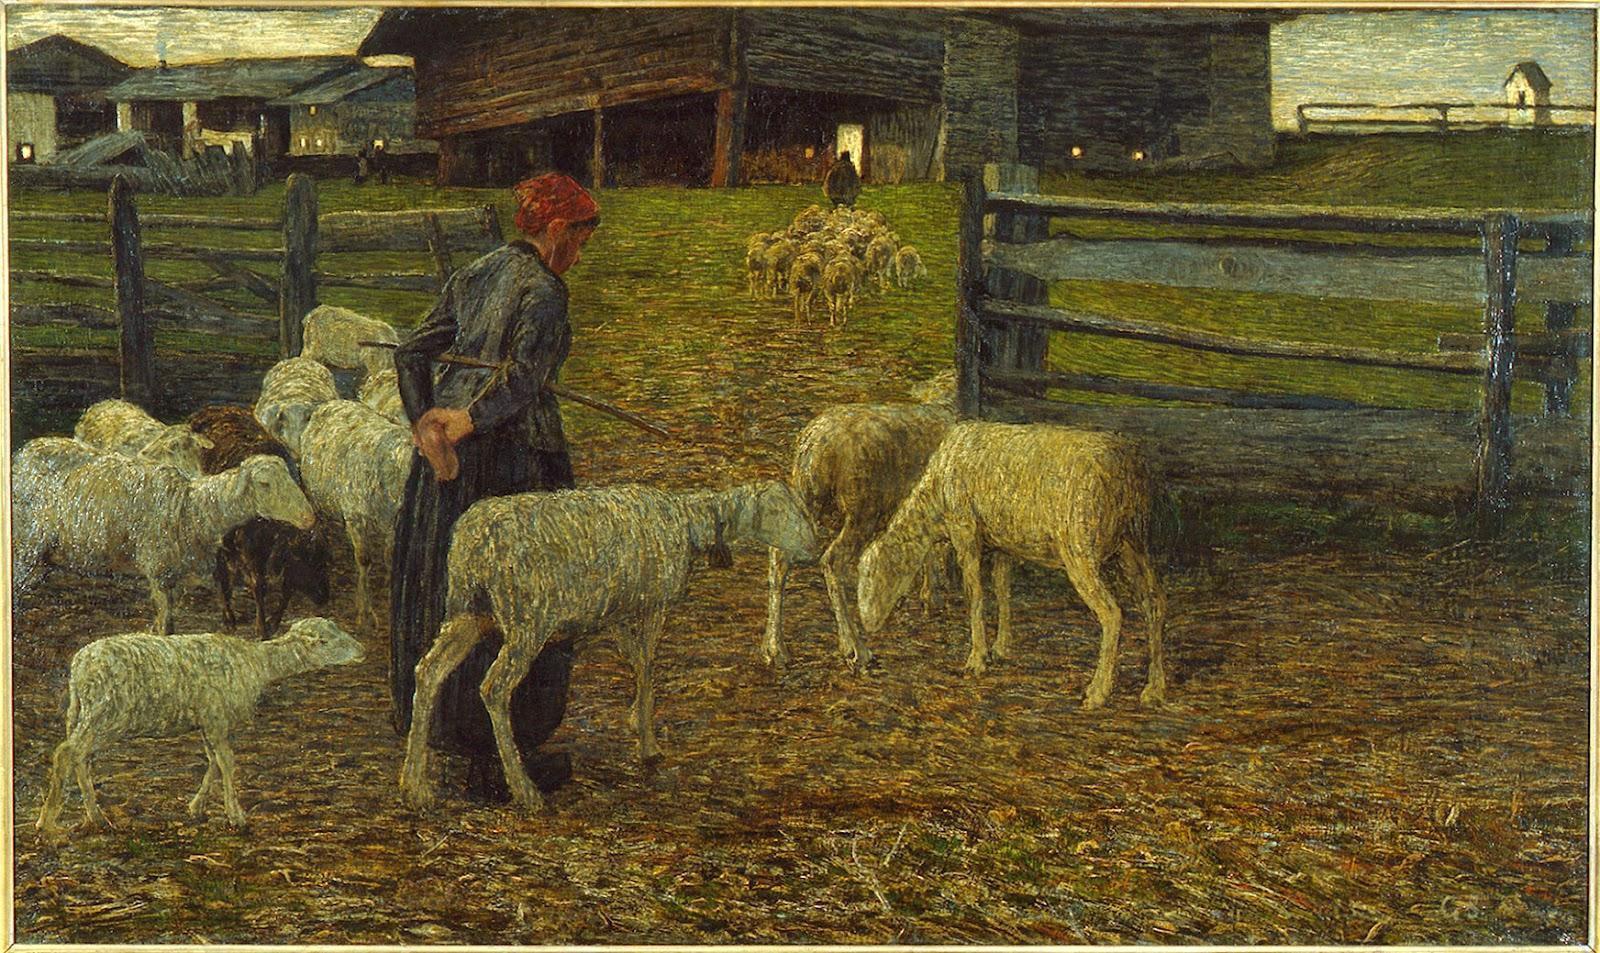 Ritorno all'ovile, Giovanni Segantini (1888)